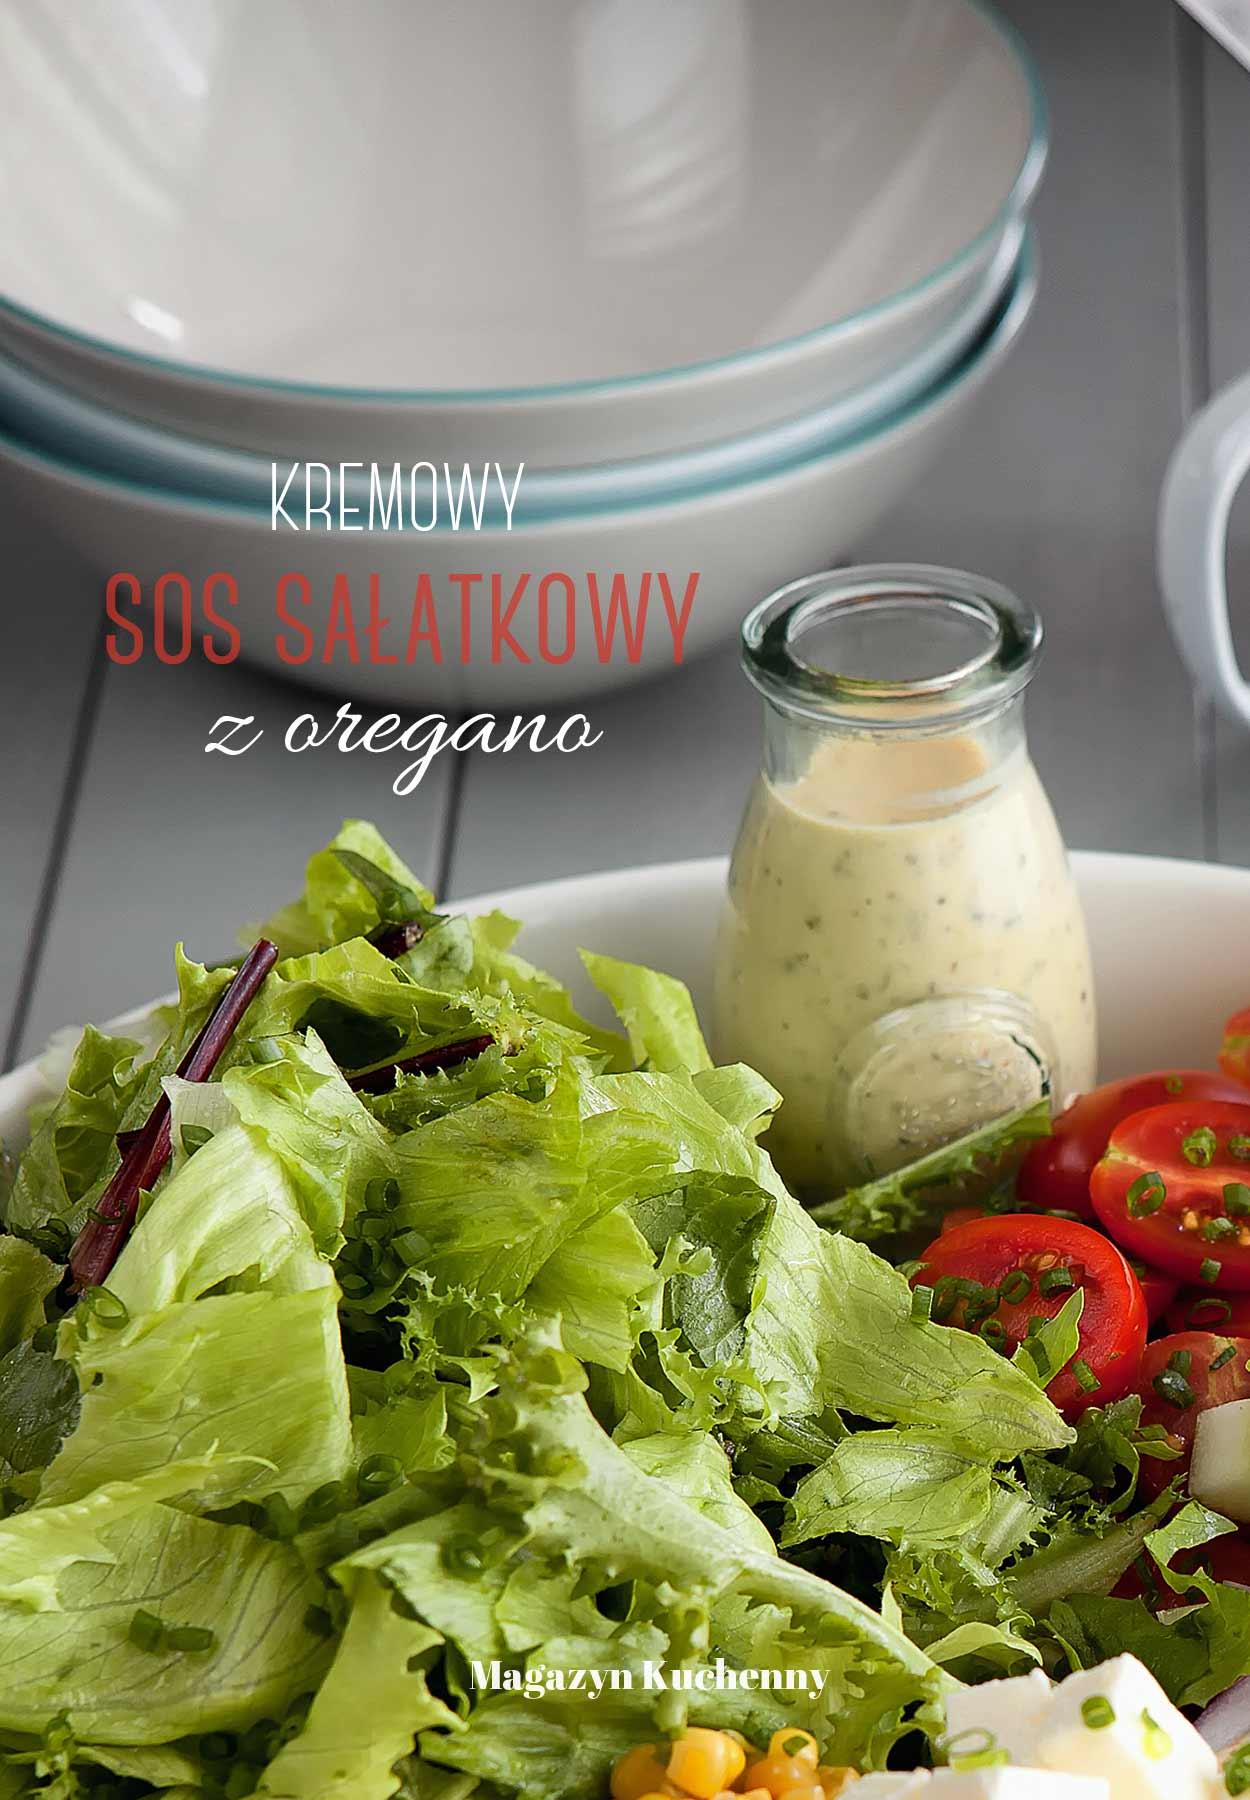 Kremowy sos sałatkowy z oregano